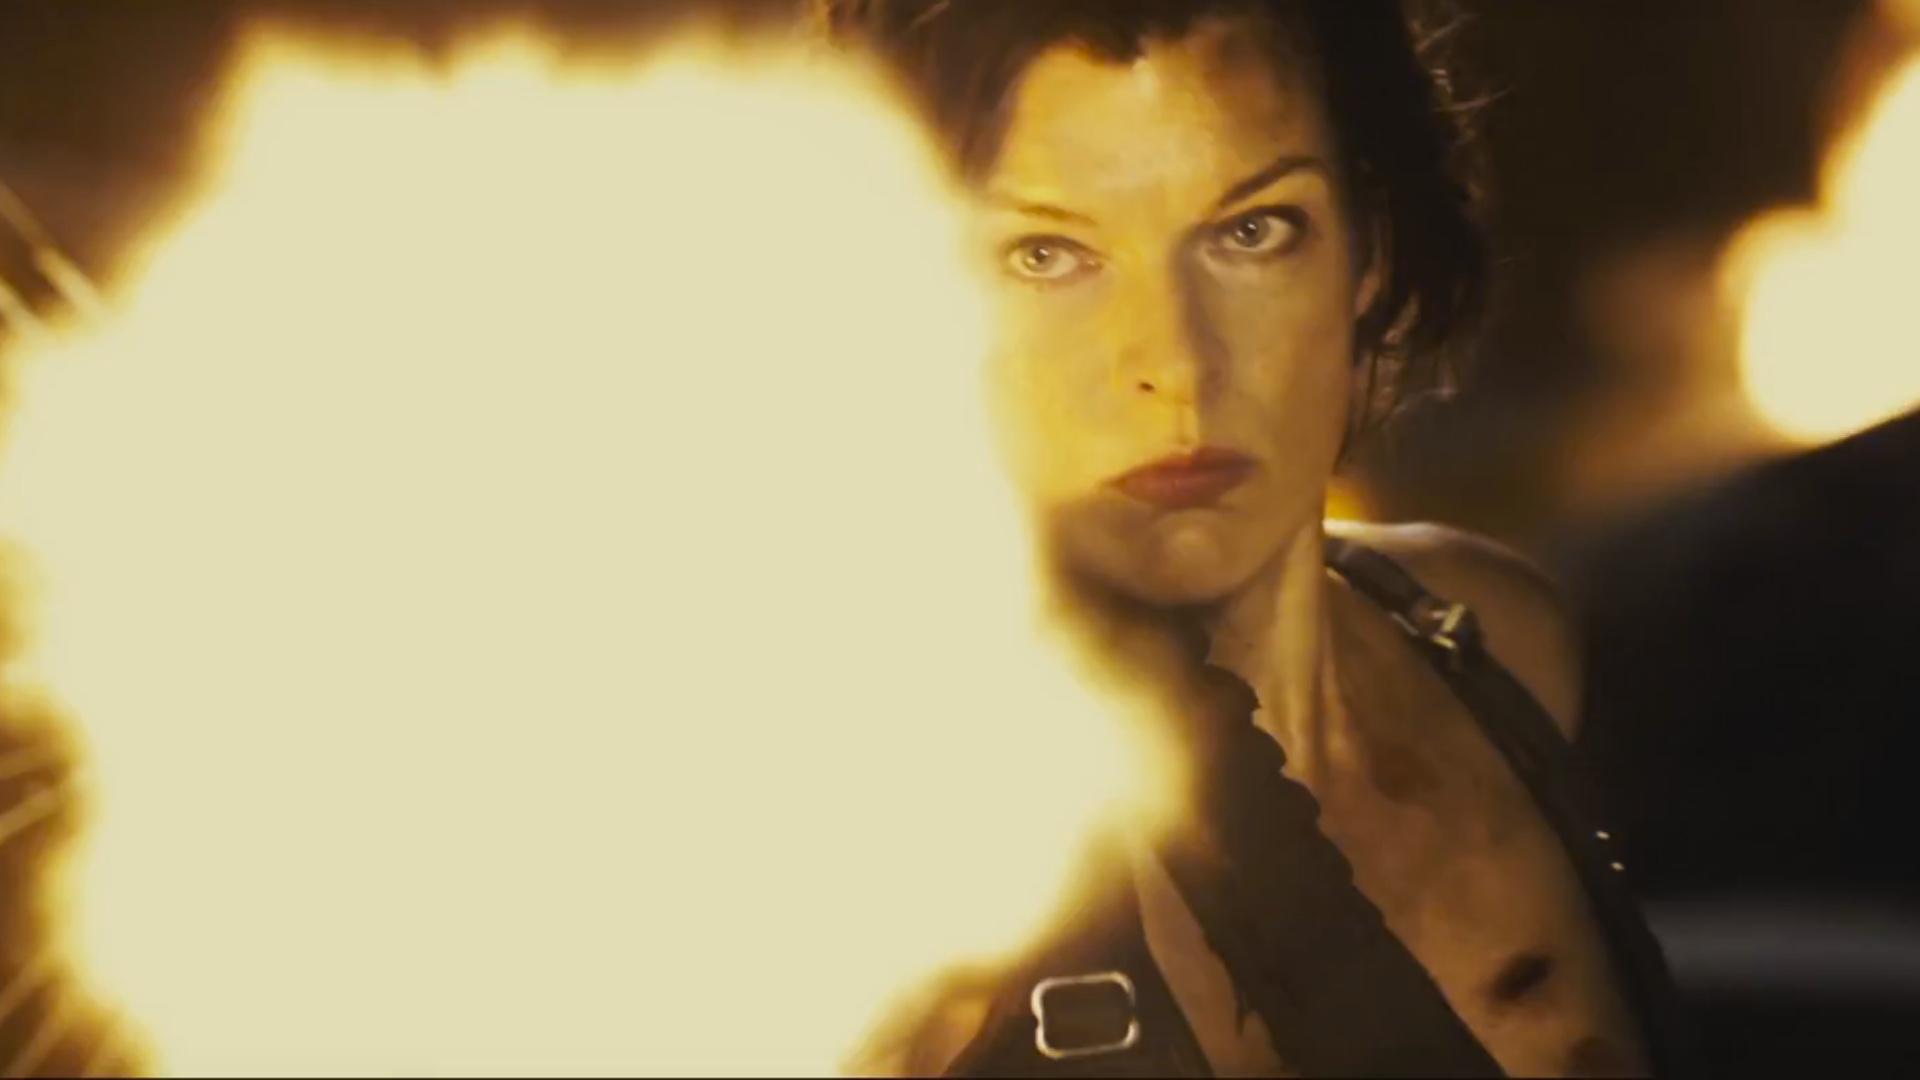 Alice Battles Insanity In Full Trailer For Resident Evil The